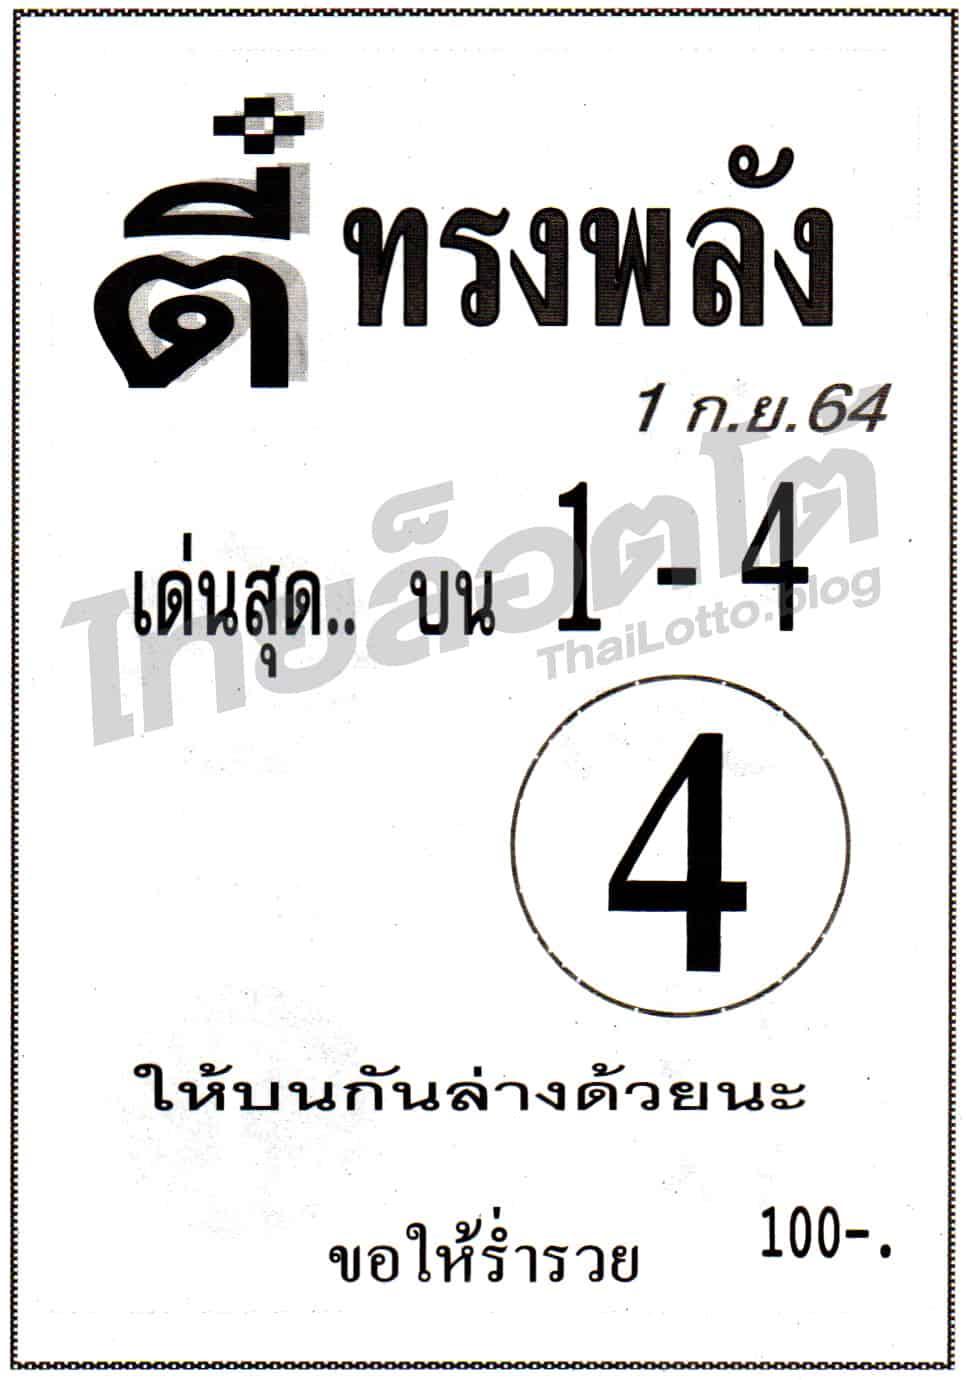 หวยซอง หวยตี๋ทรงพลัง-010964